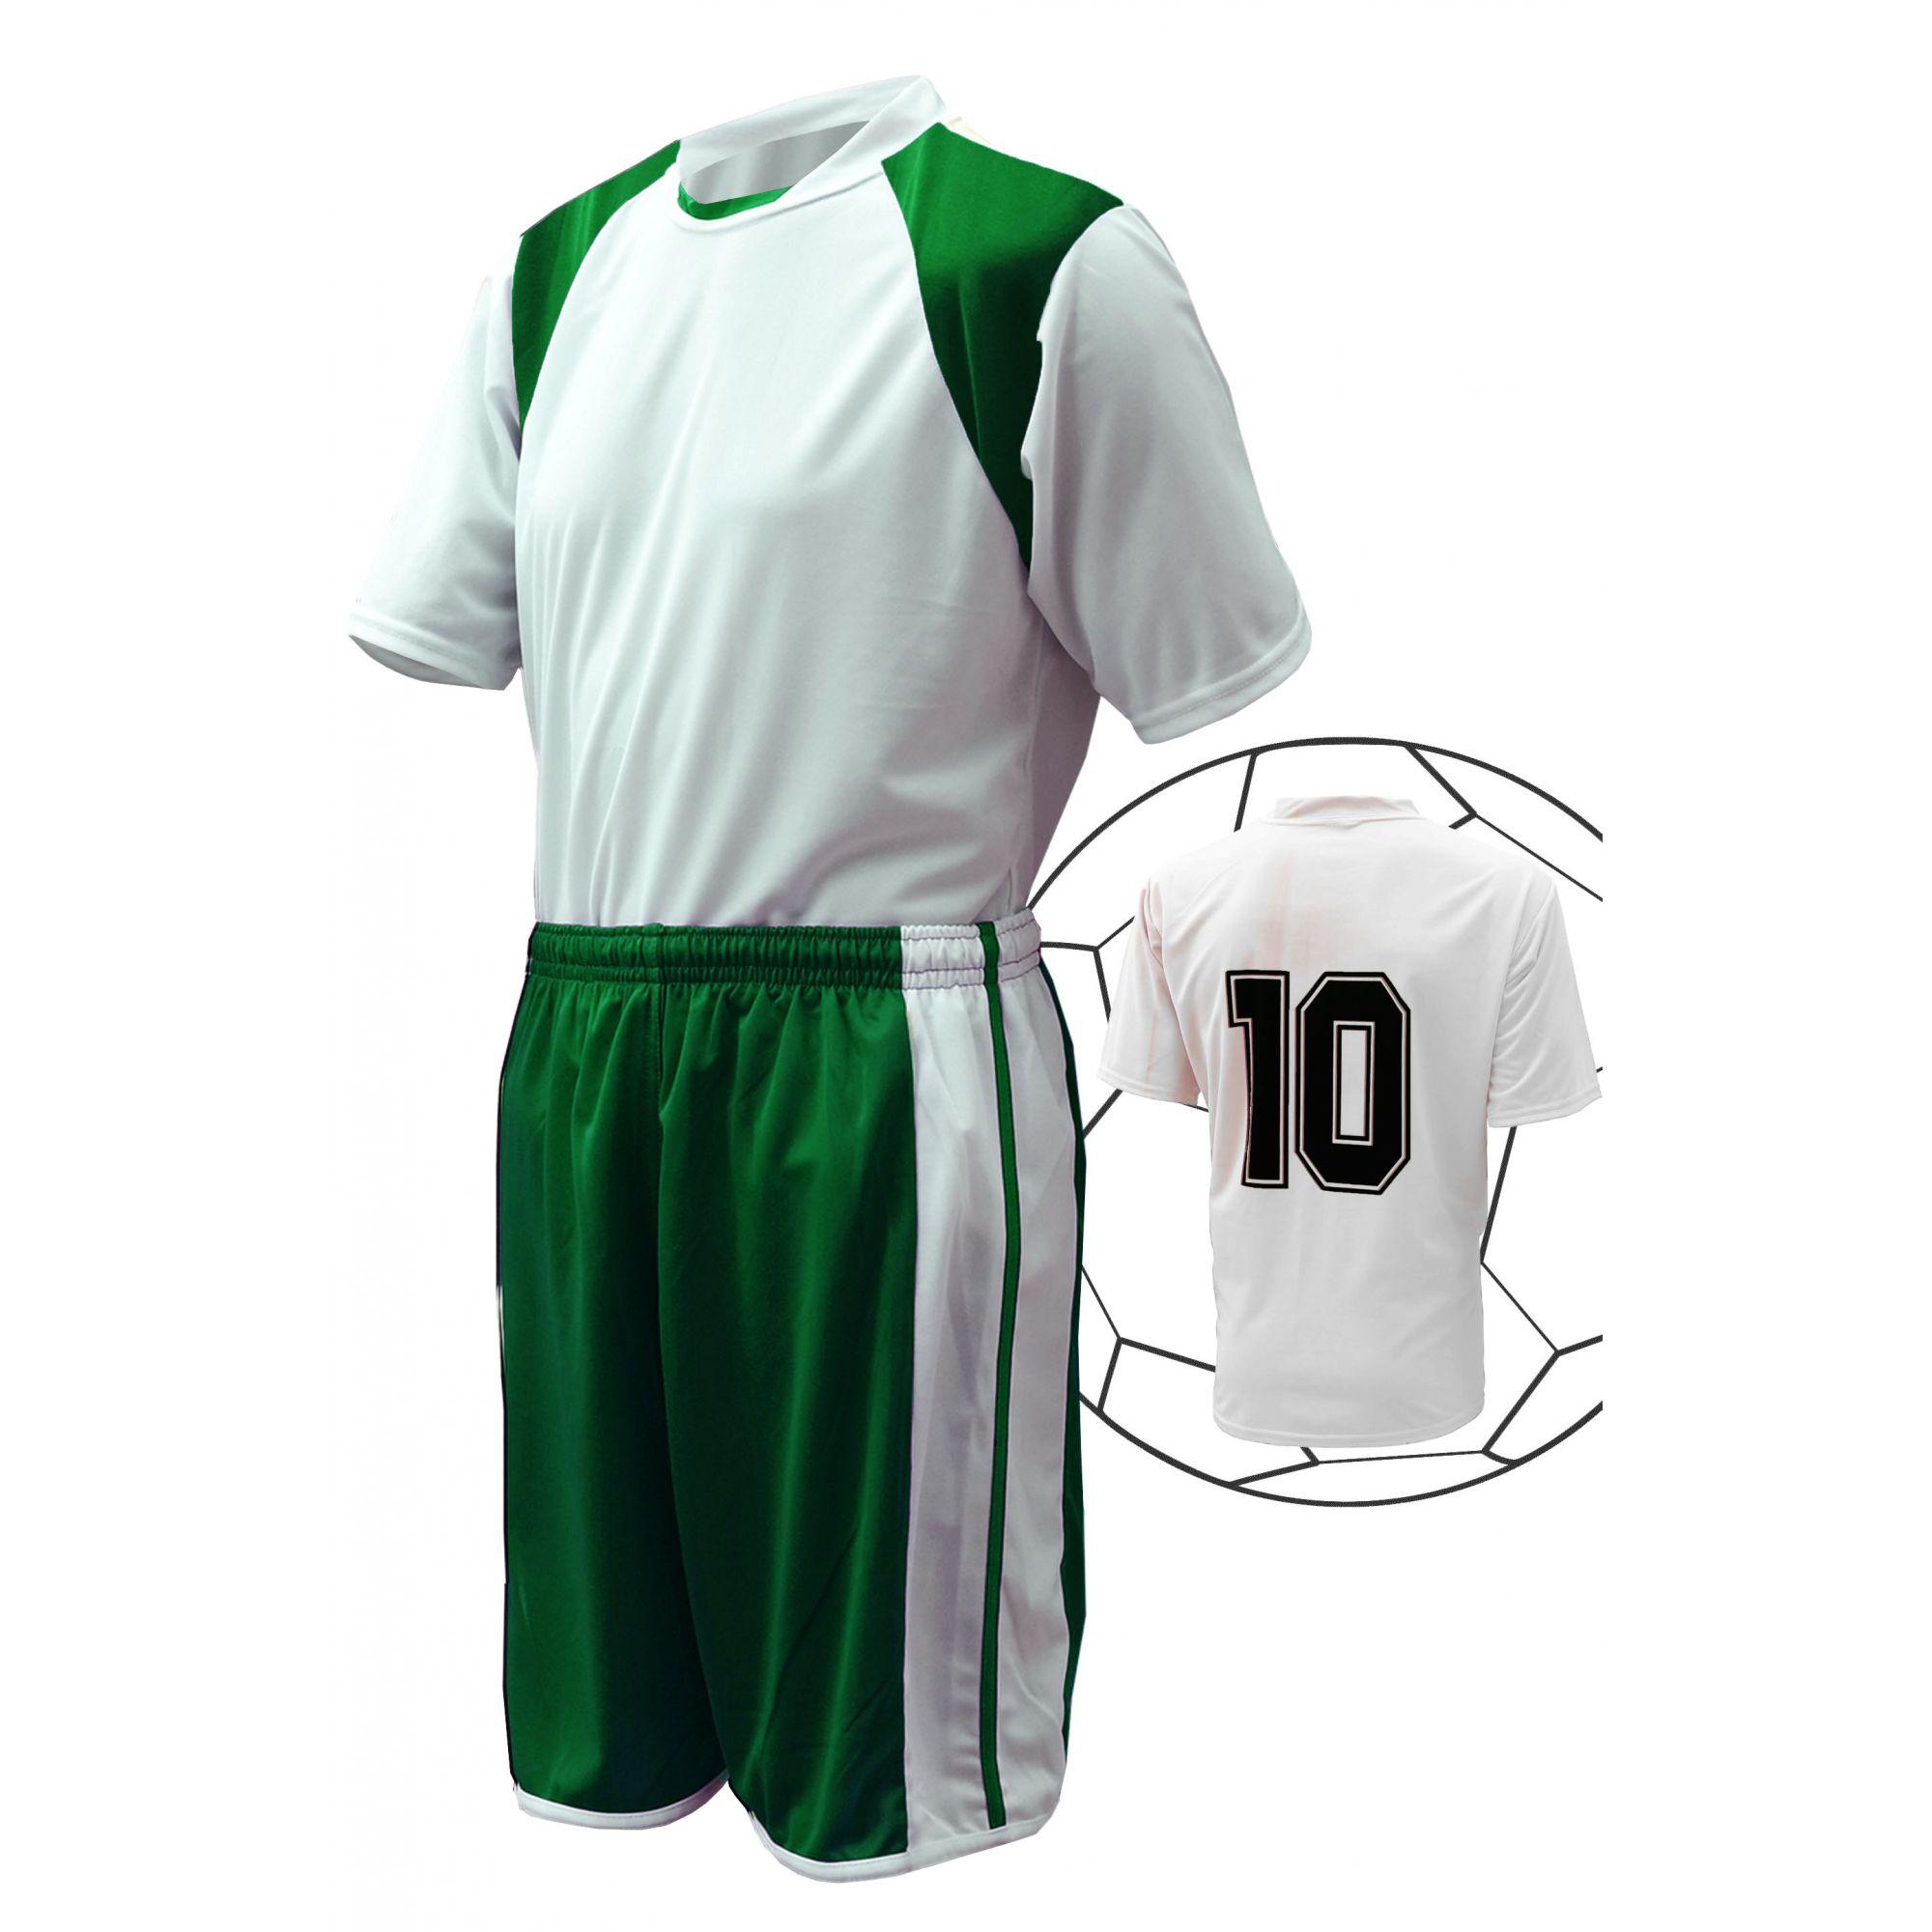 Uniforme para Futebol Avante Ligth